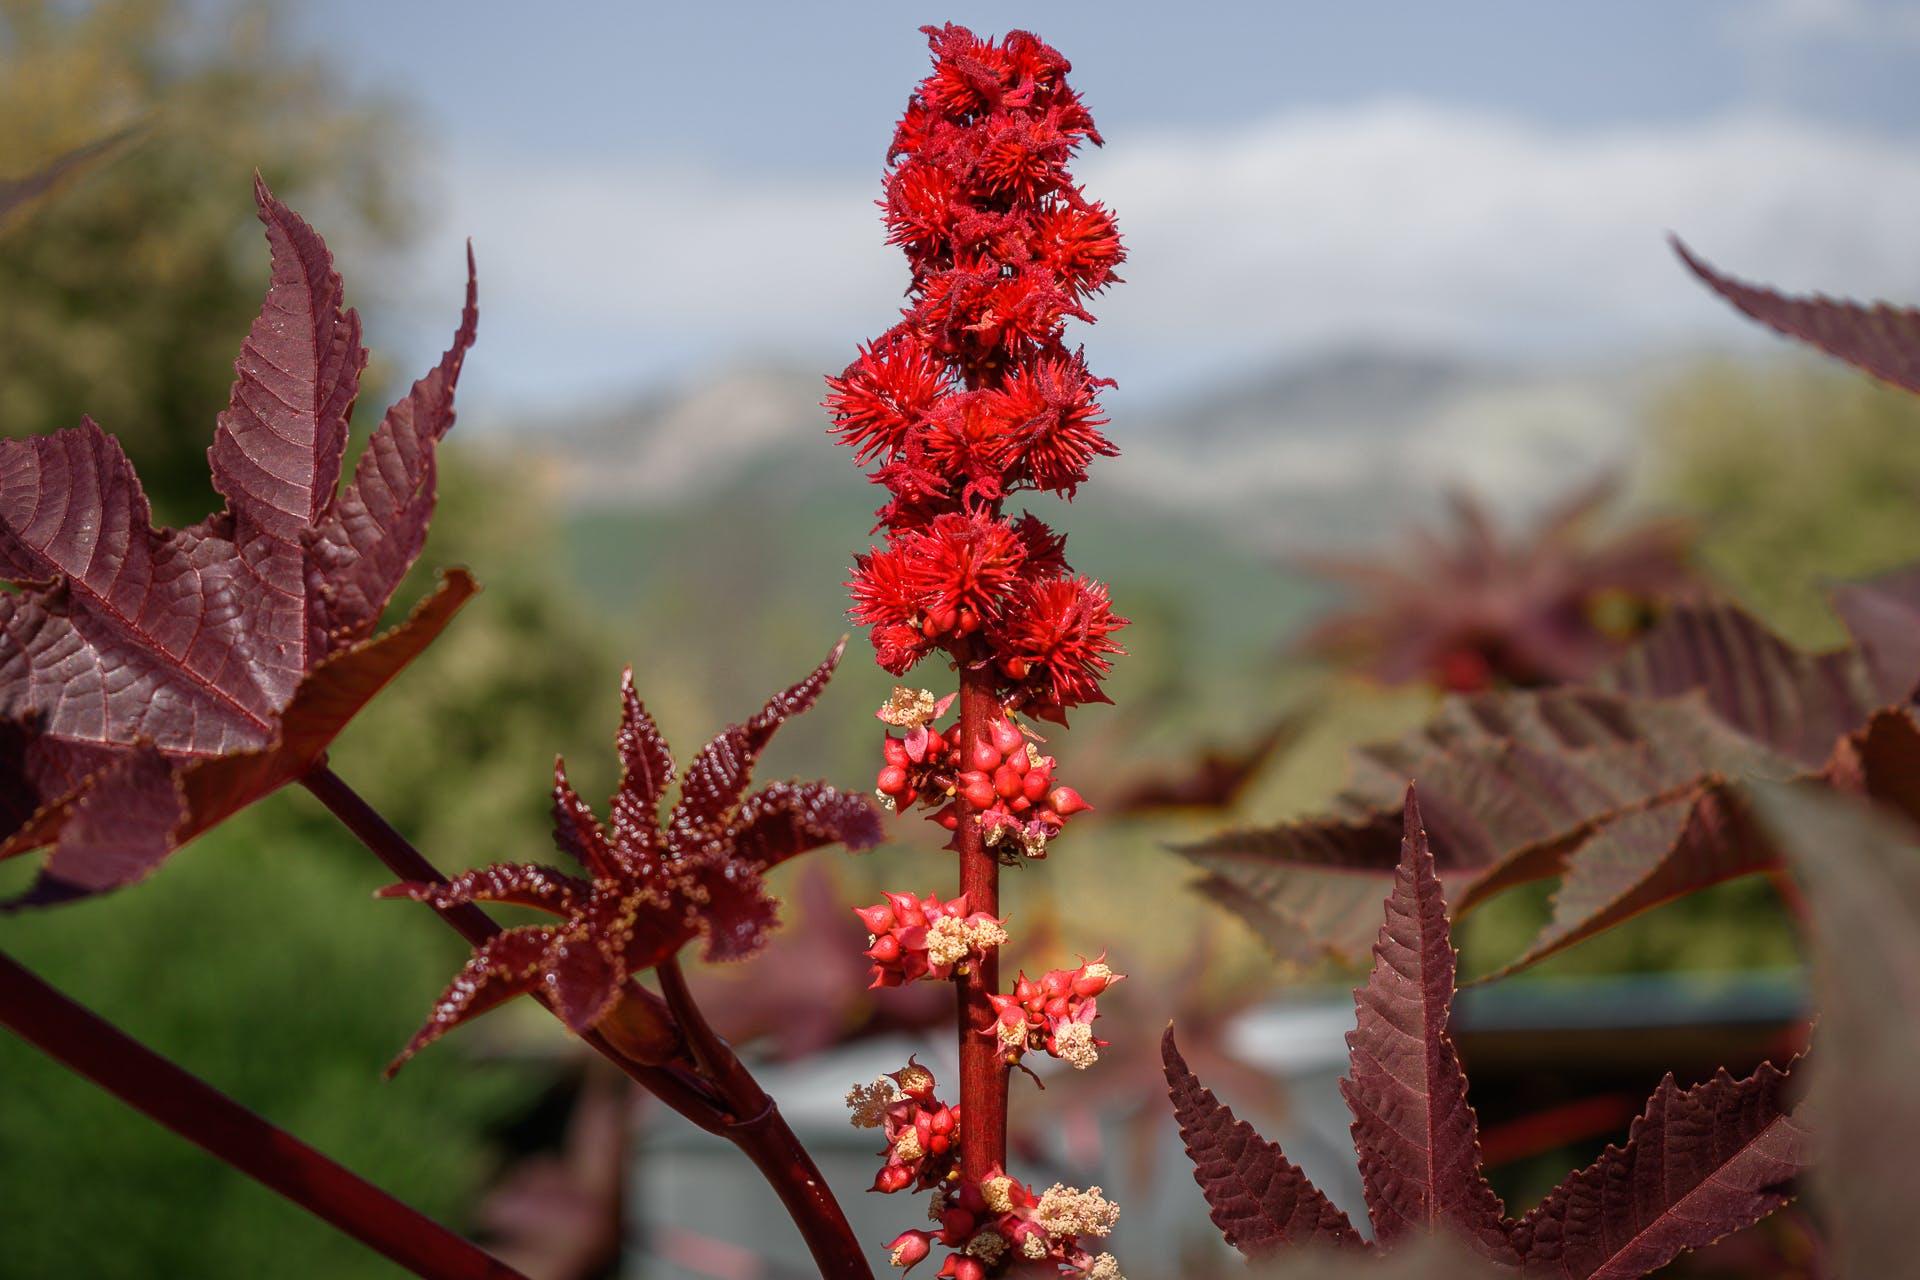 Free stock photo of spring flowred leaf, summer flower, wild flower